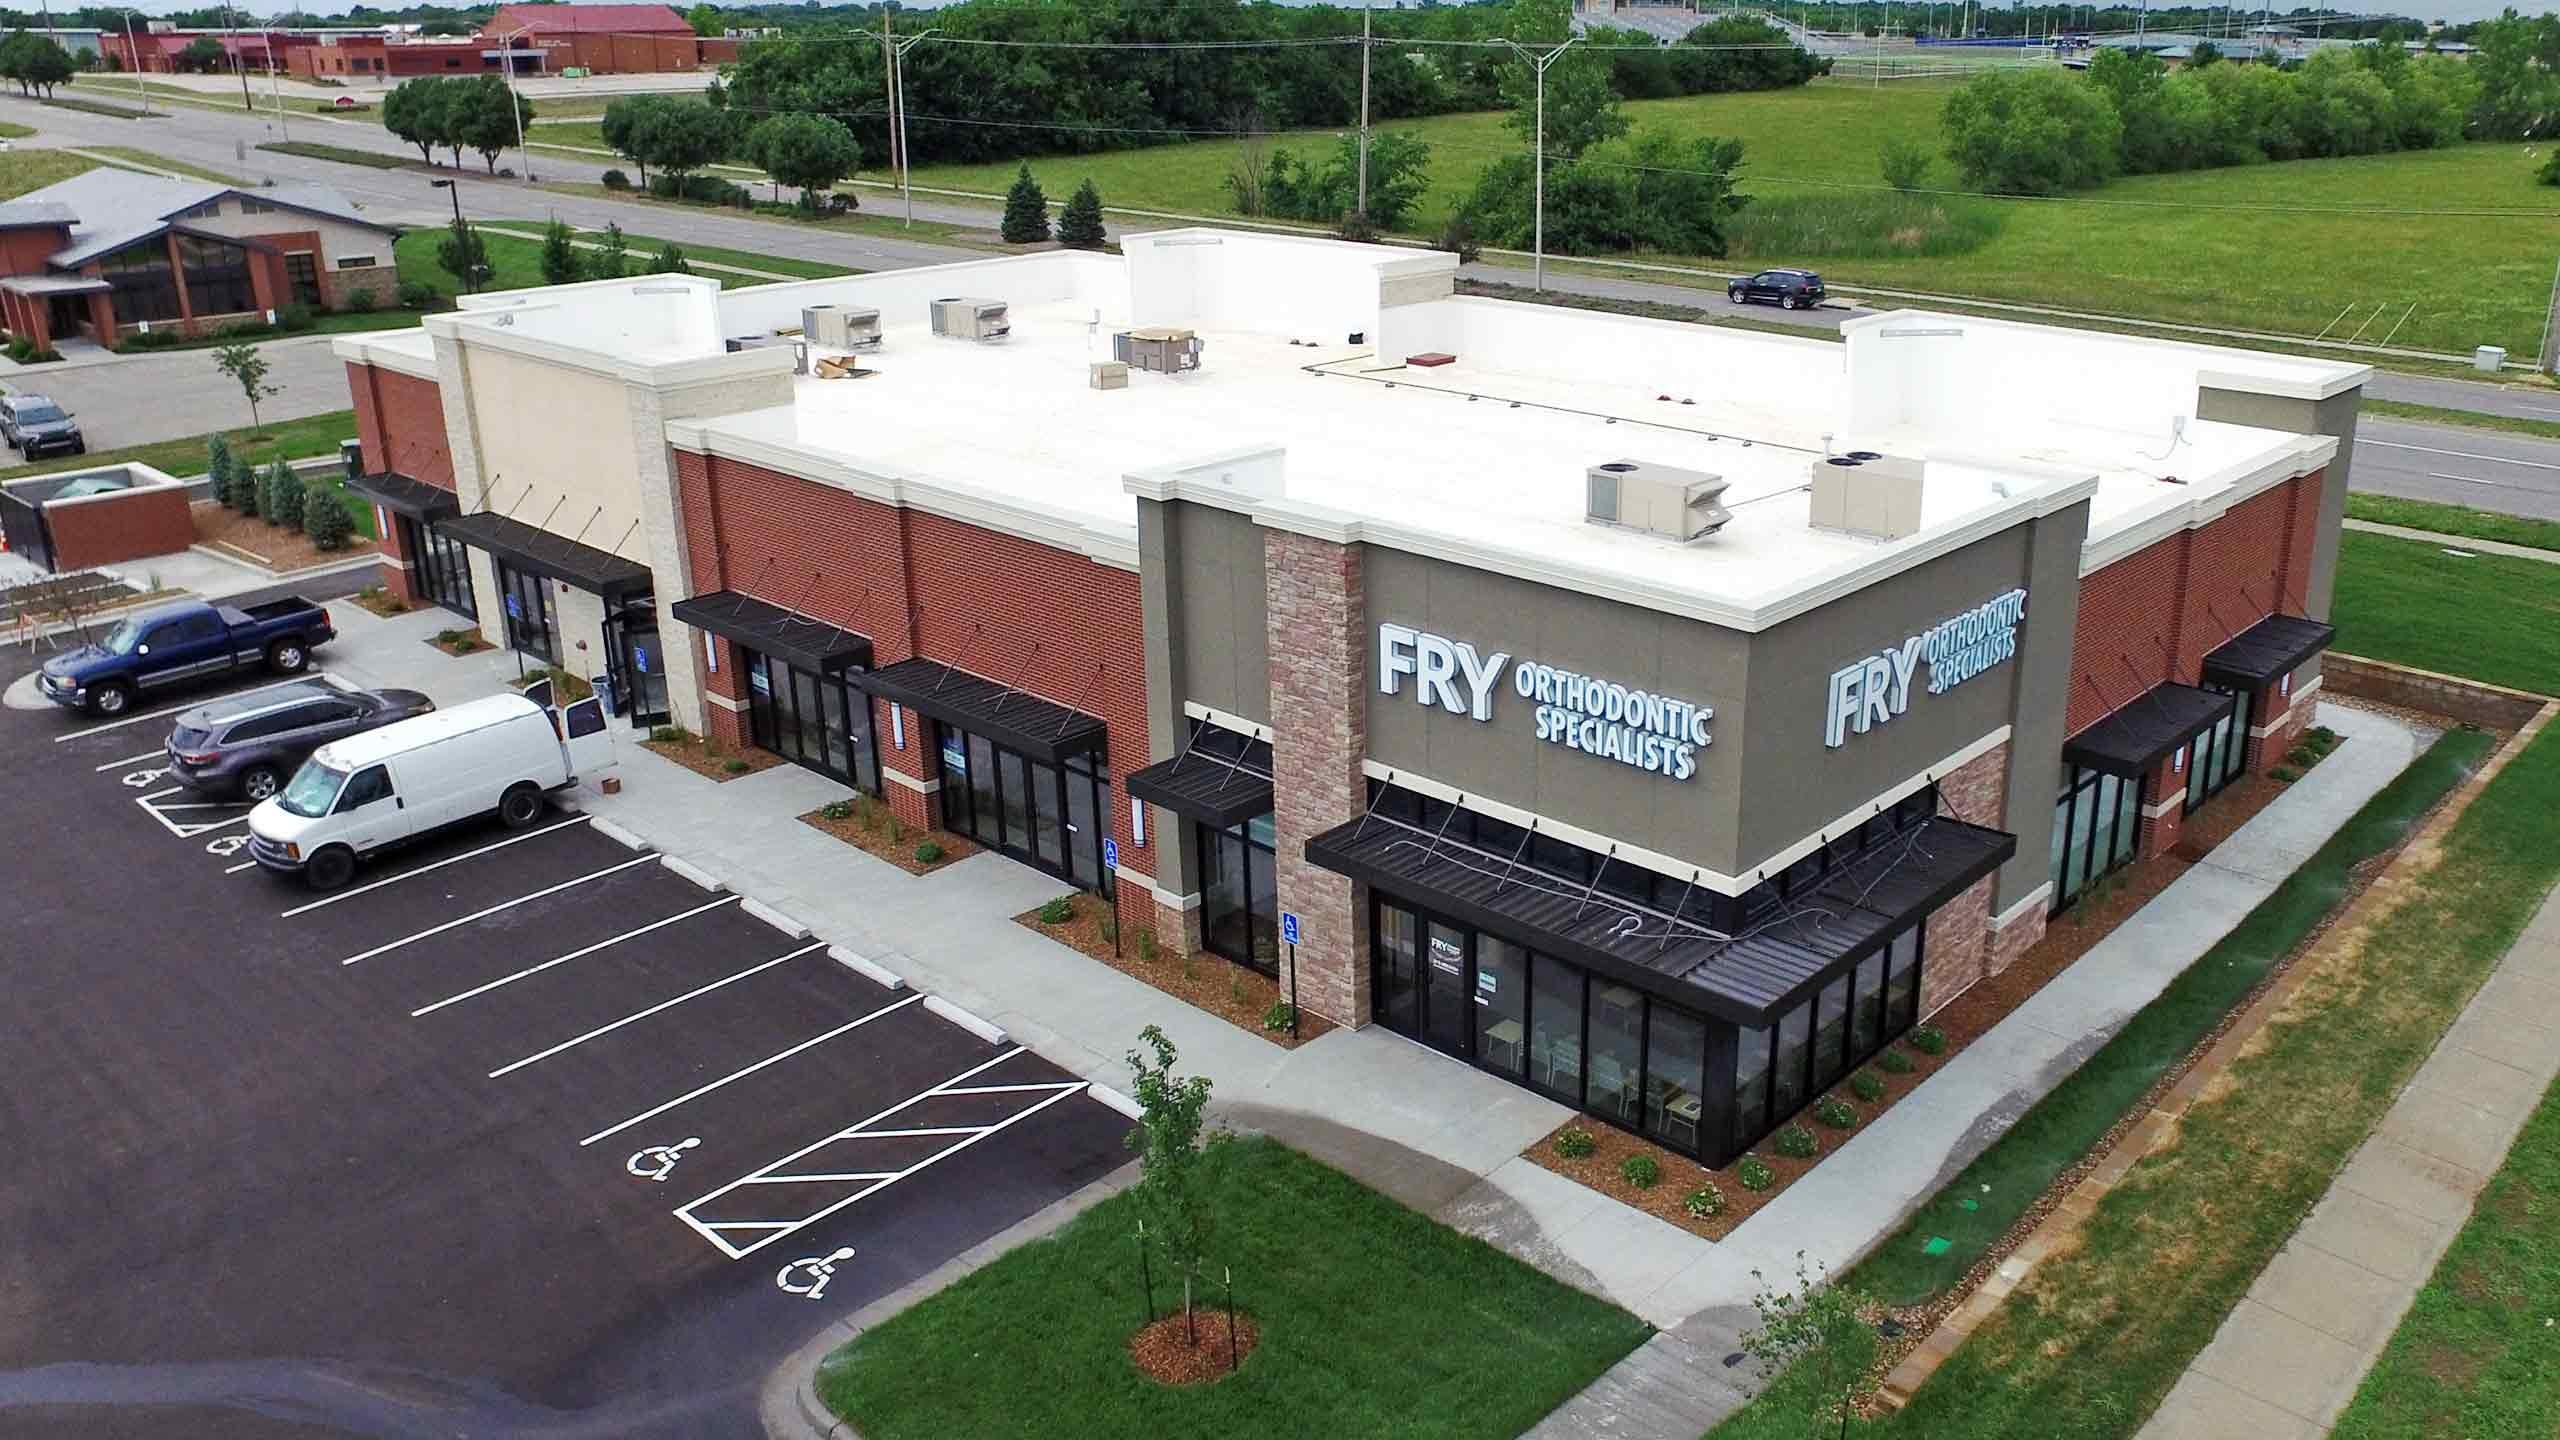 Fry-Orthodontics-Drone